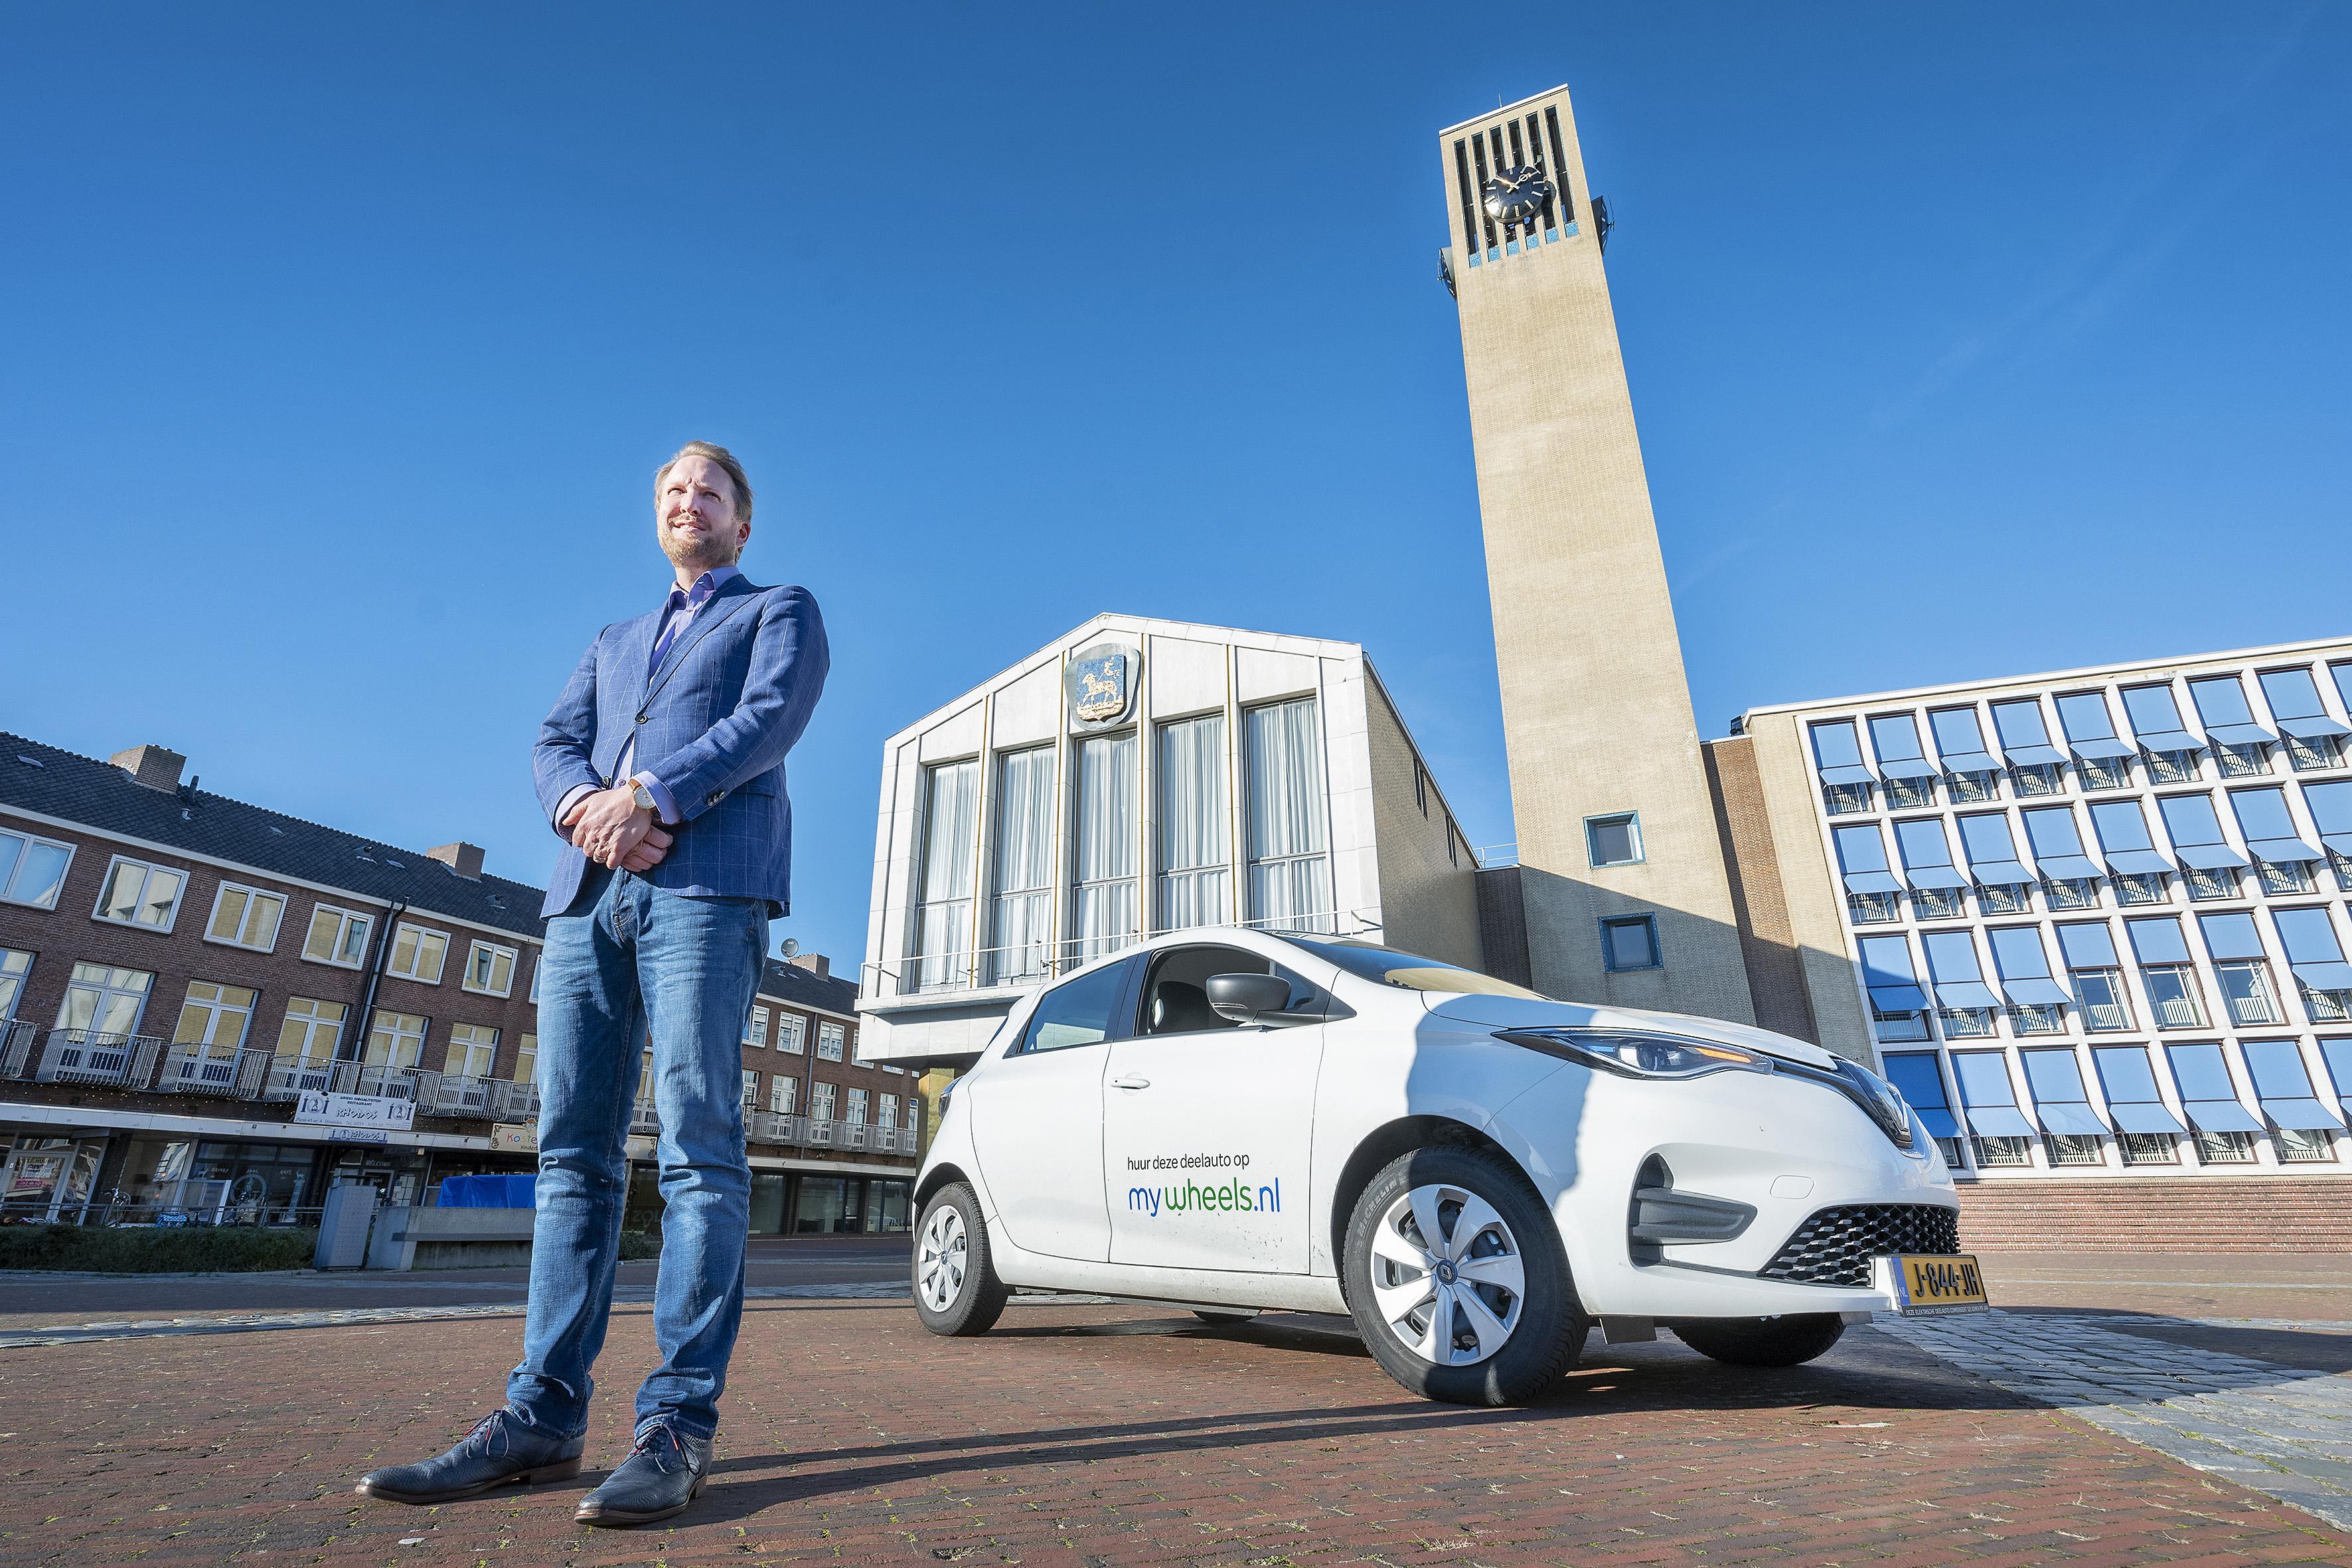 Gemeente Velsen komt met plan voor CO2-reductie: burgemeester op de fiets en wc spoelen met regenwater